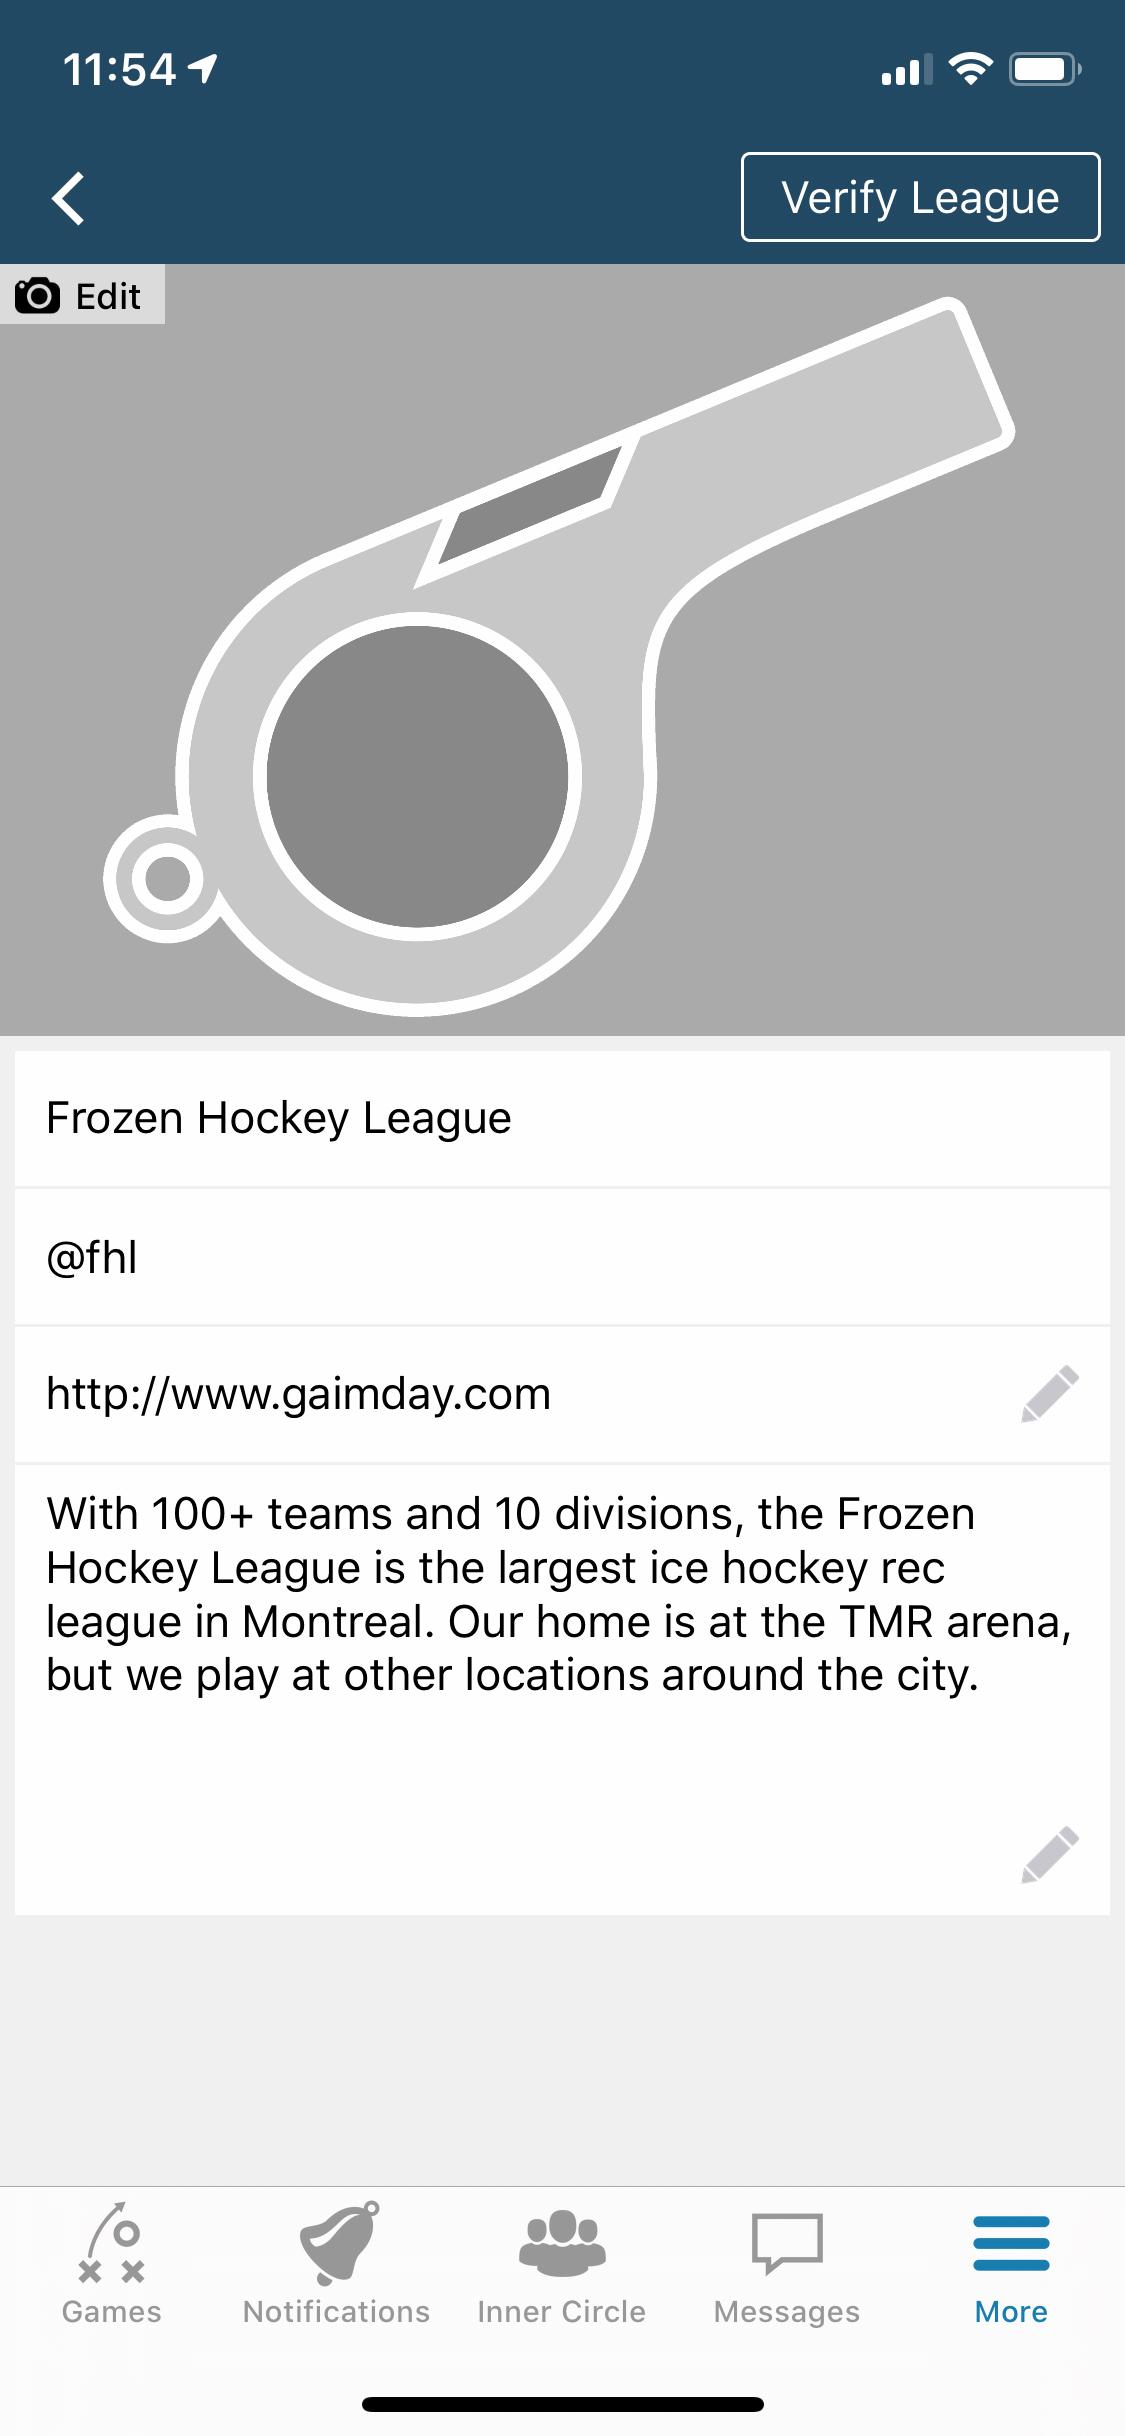 league-info-complete